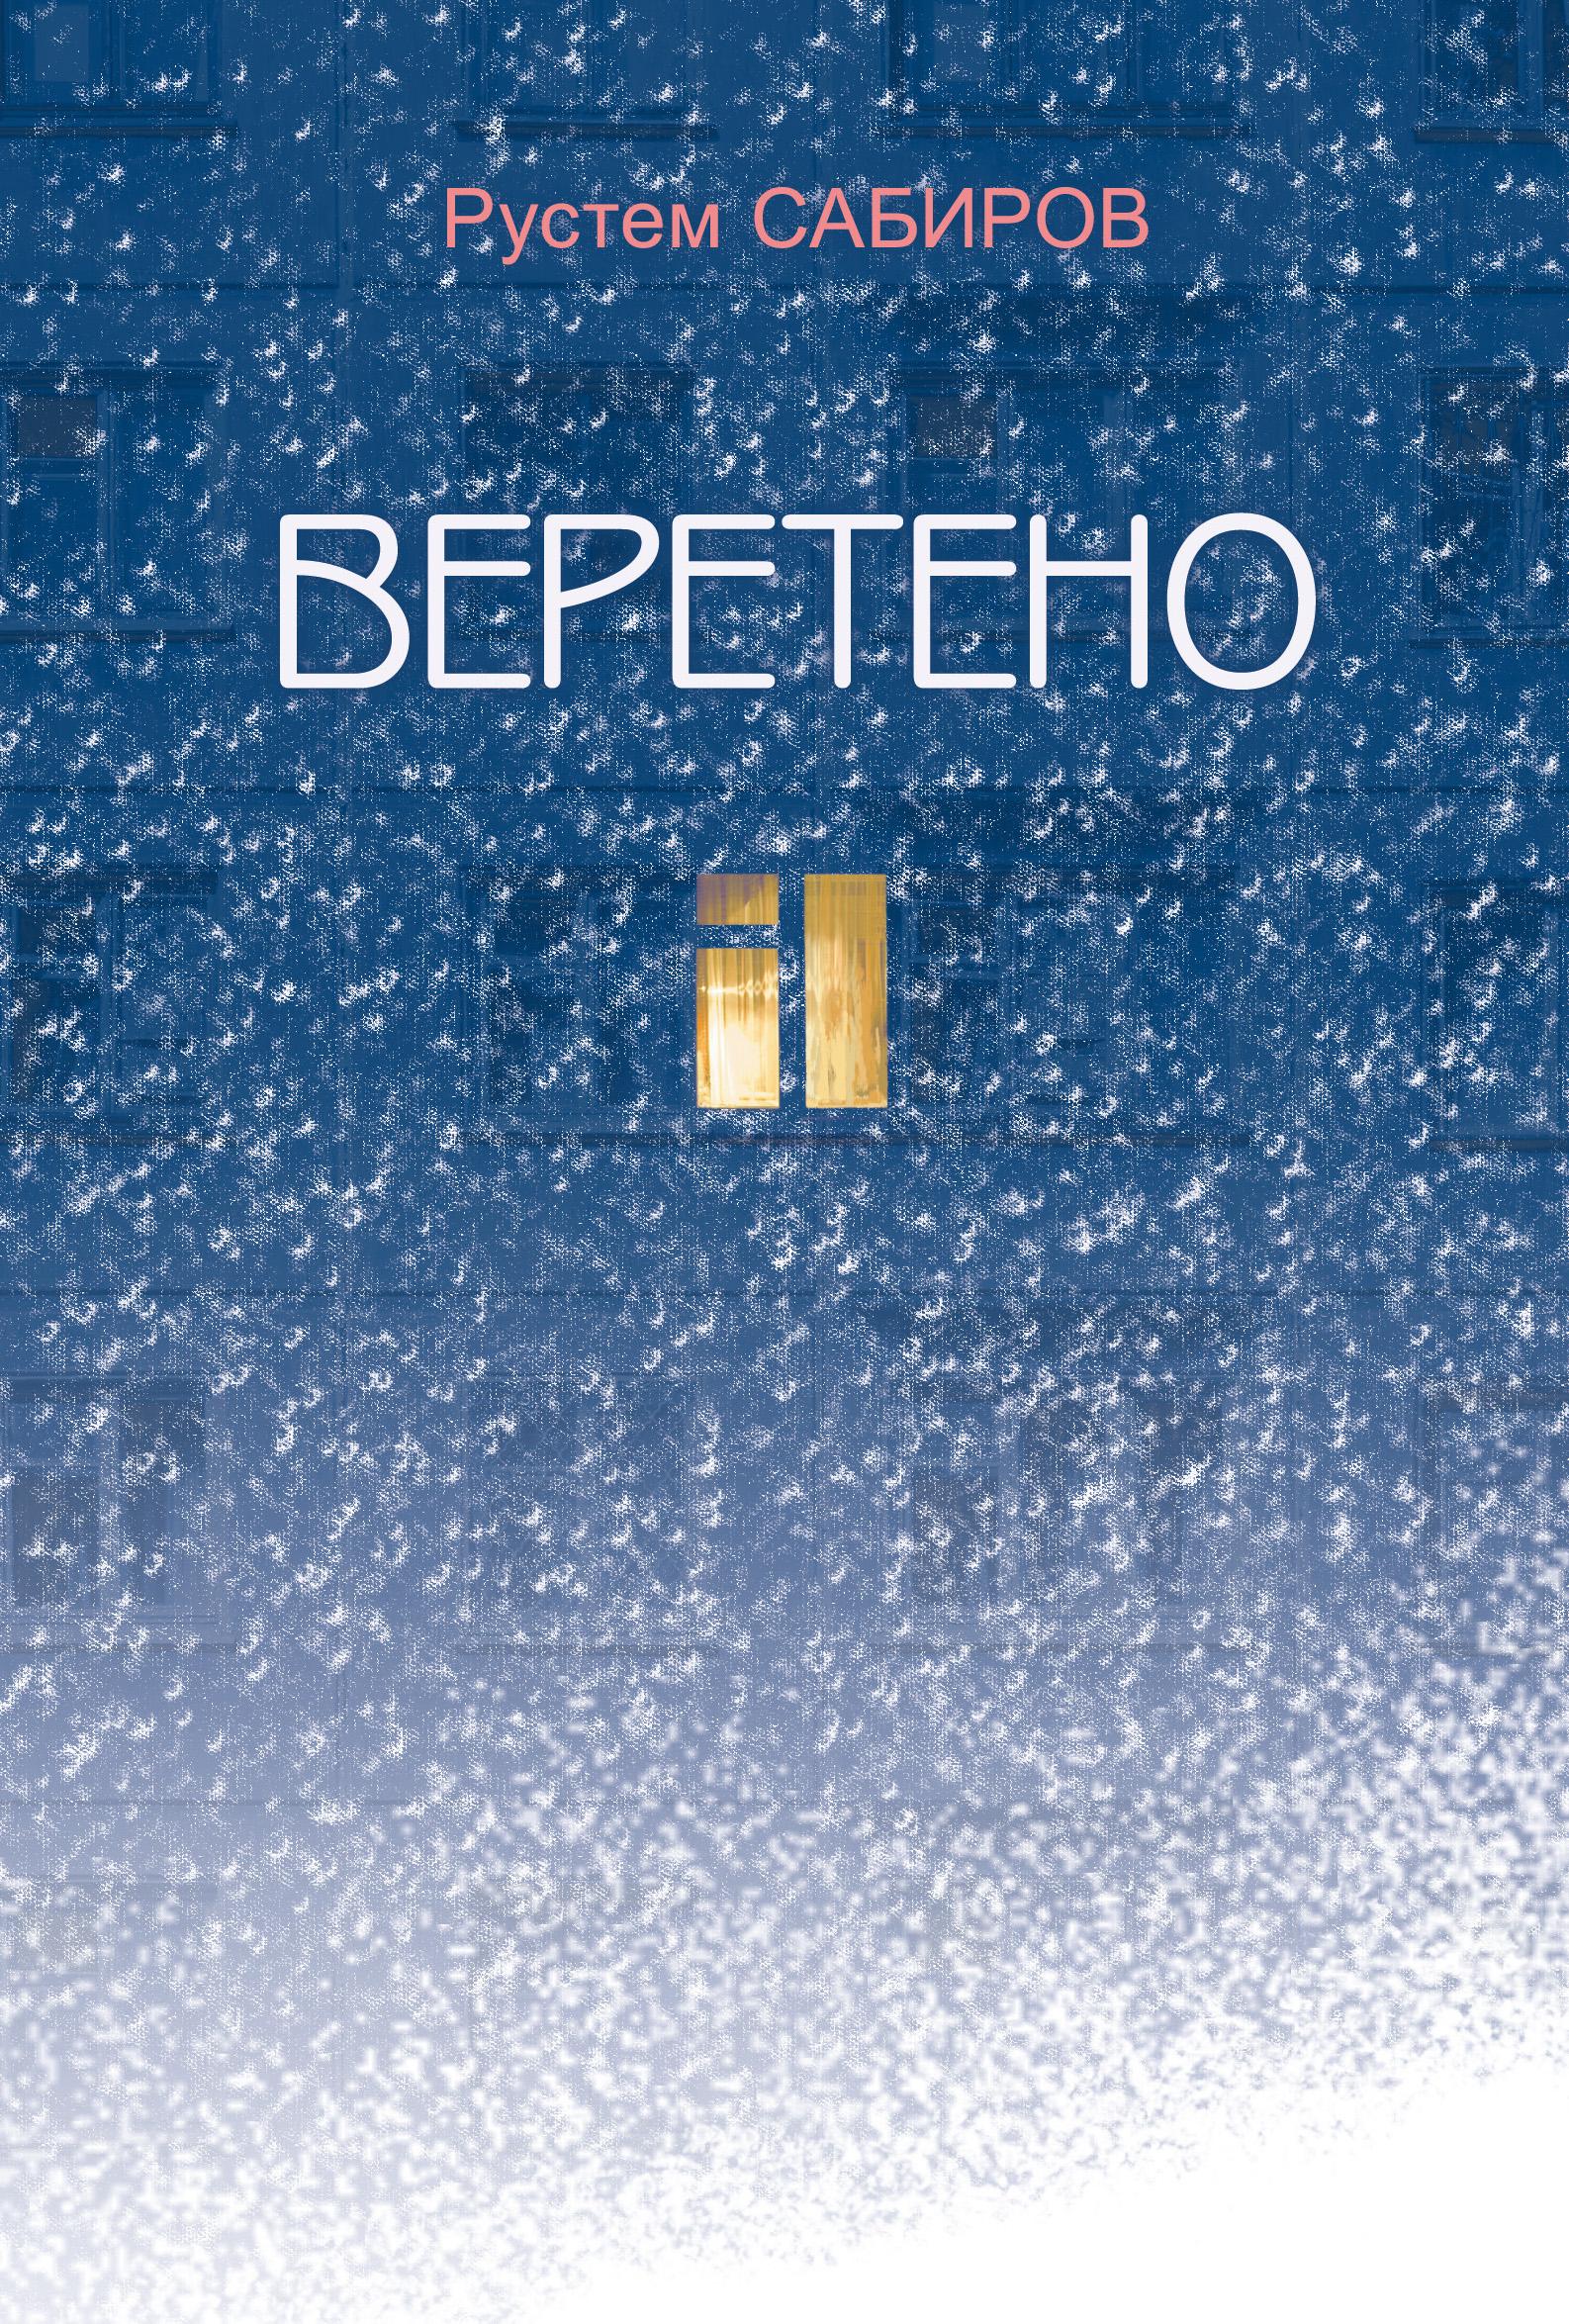 цены Рустем Сабиров Веретено (сборник)